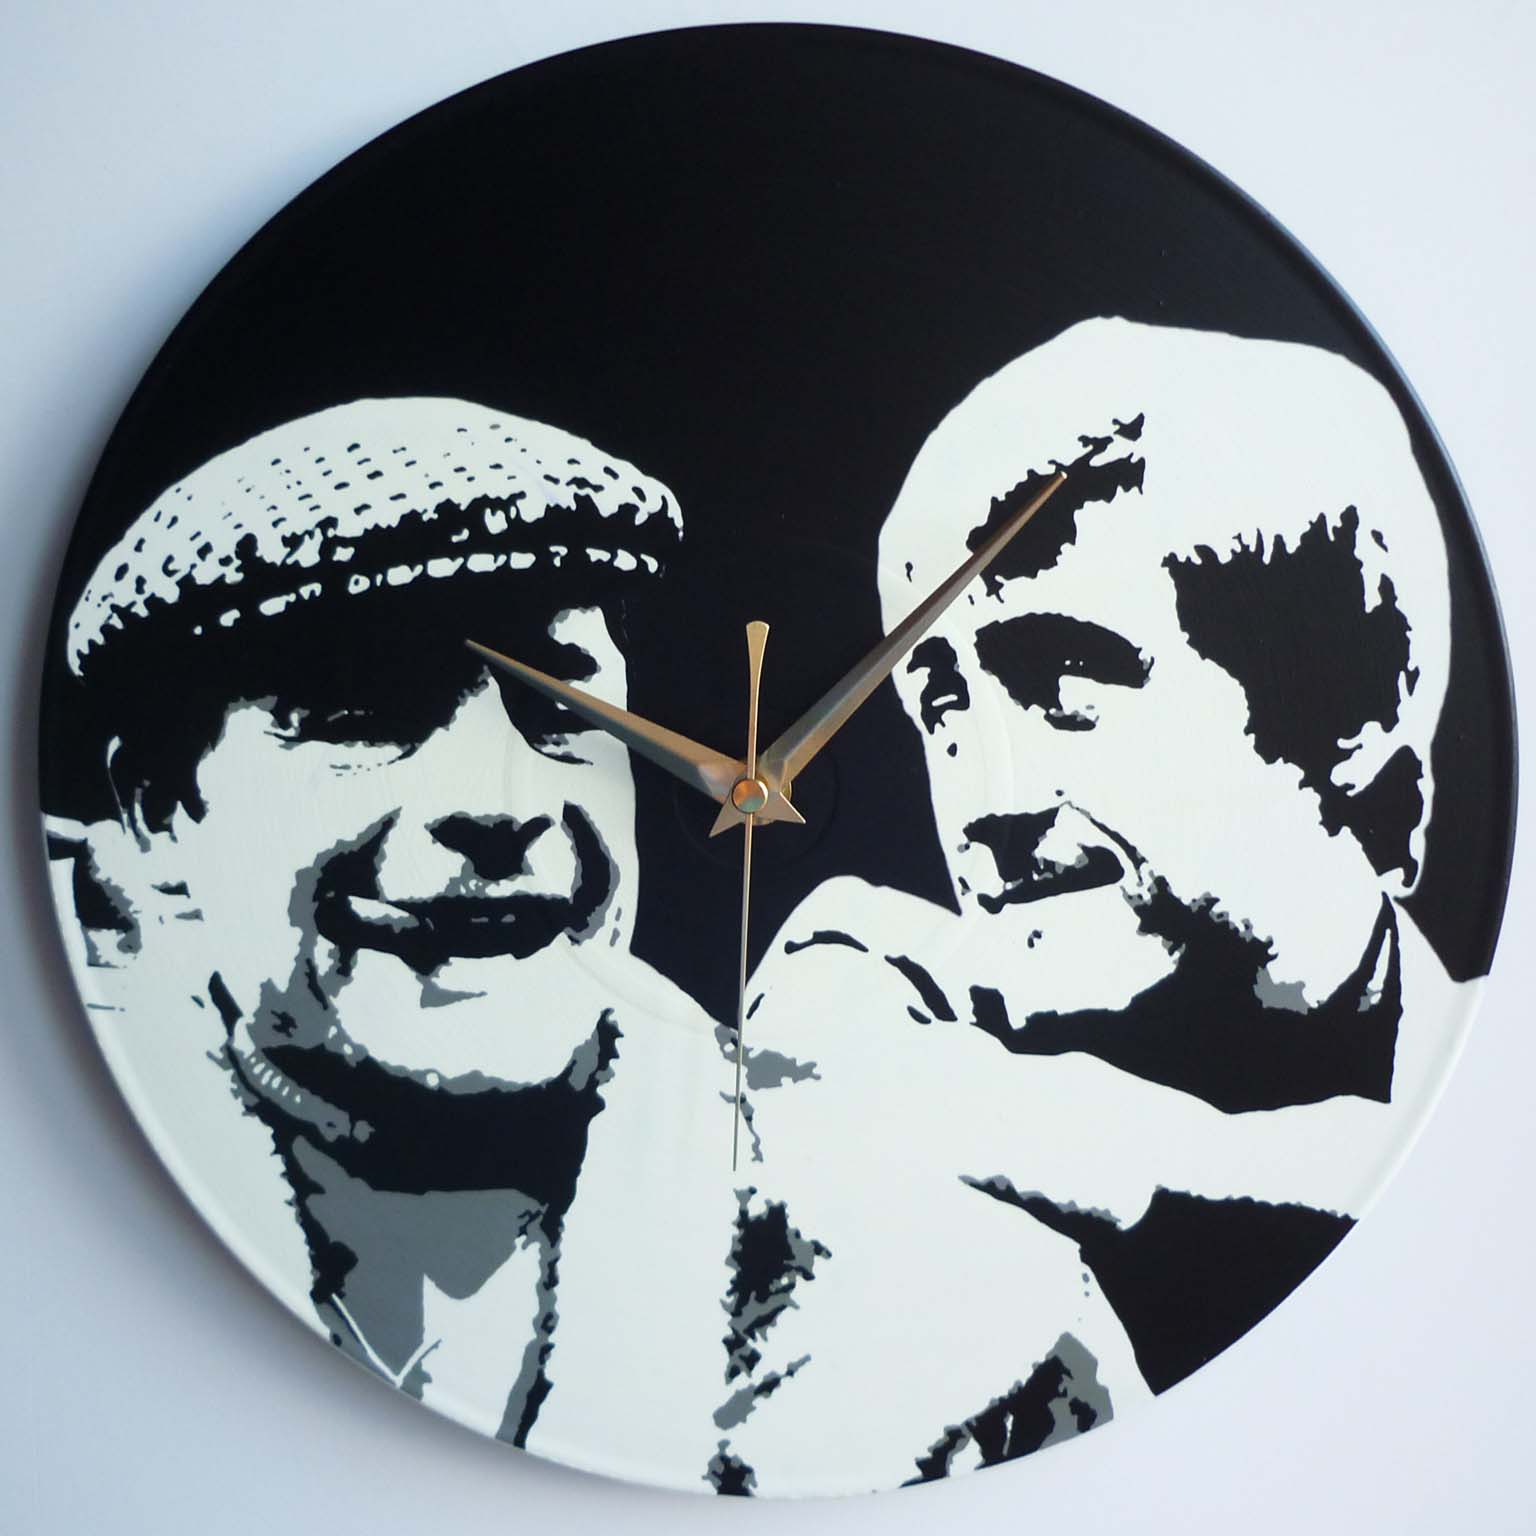 Del & Rodney